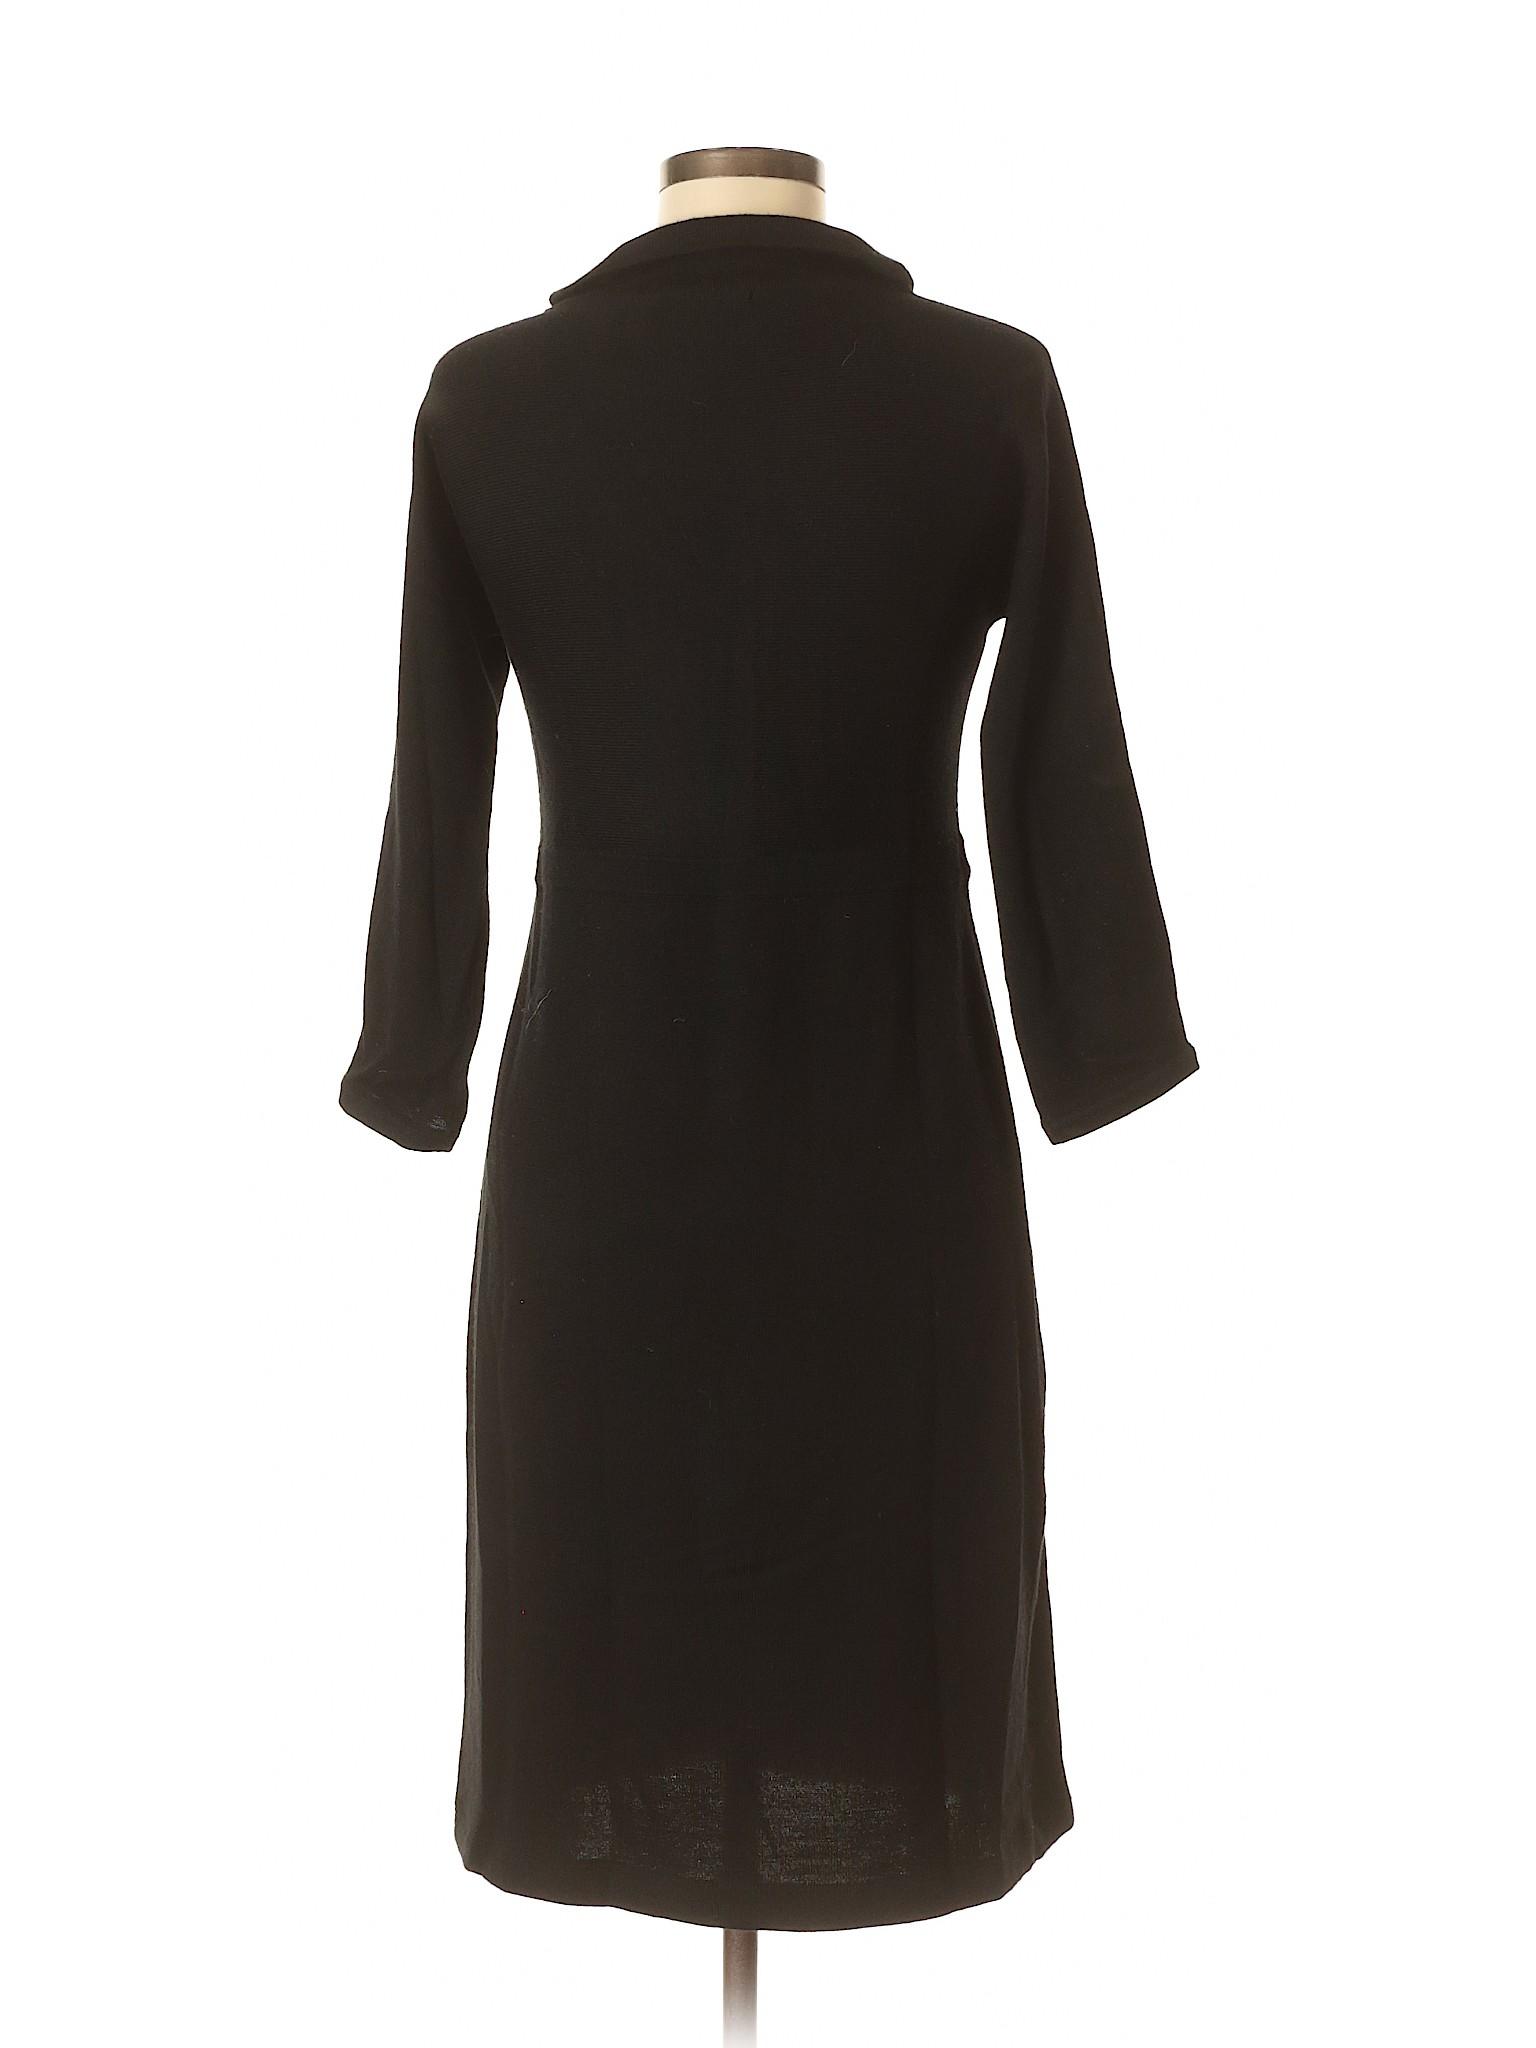 Dress Boutique Boutique Casual Dress Boden Casual Boden winter Boutique Boden Dress winter winter winter Boutique Casual qHxCfa